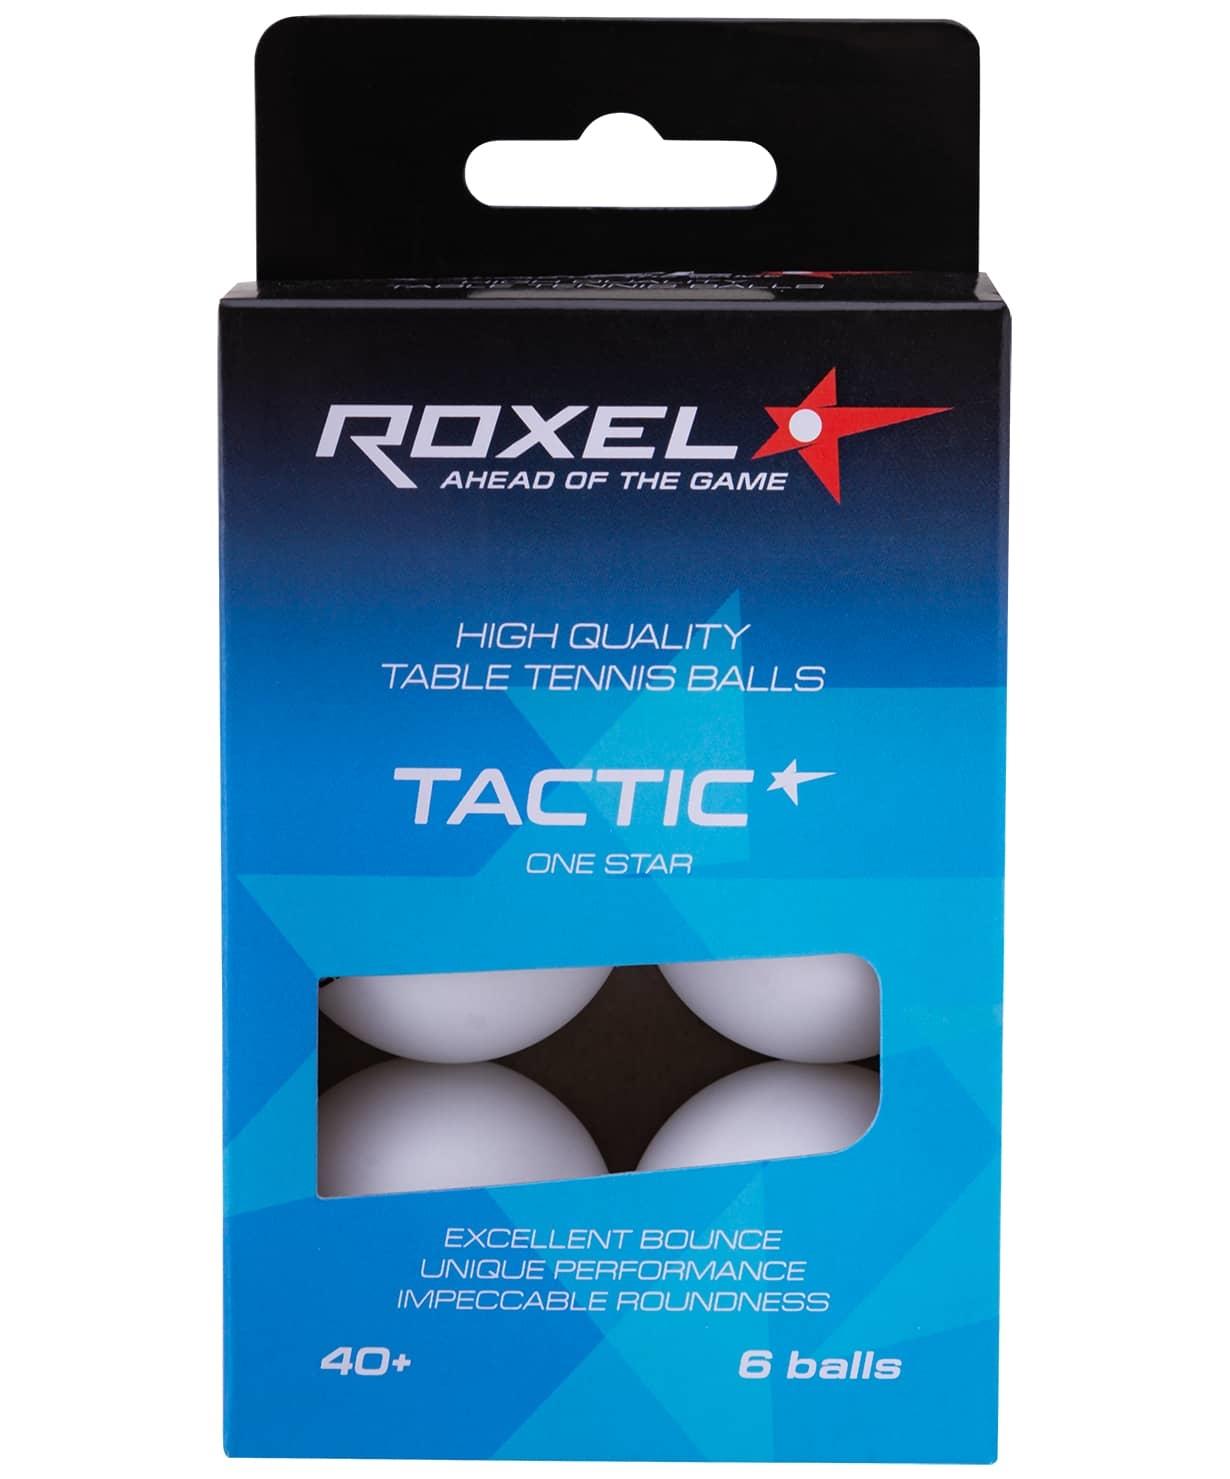 Мяч для настольного тенниса 1* Tactic, белый, 6 шт.